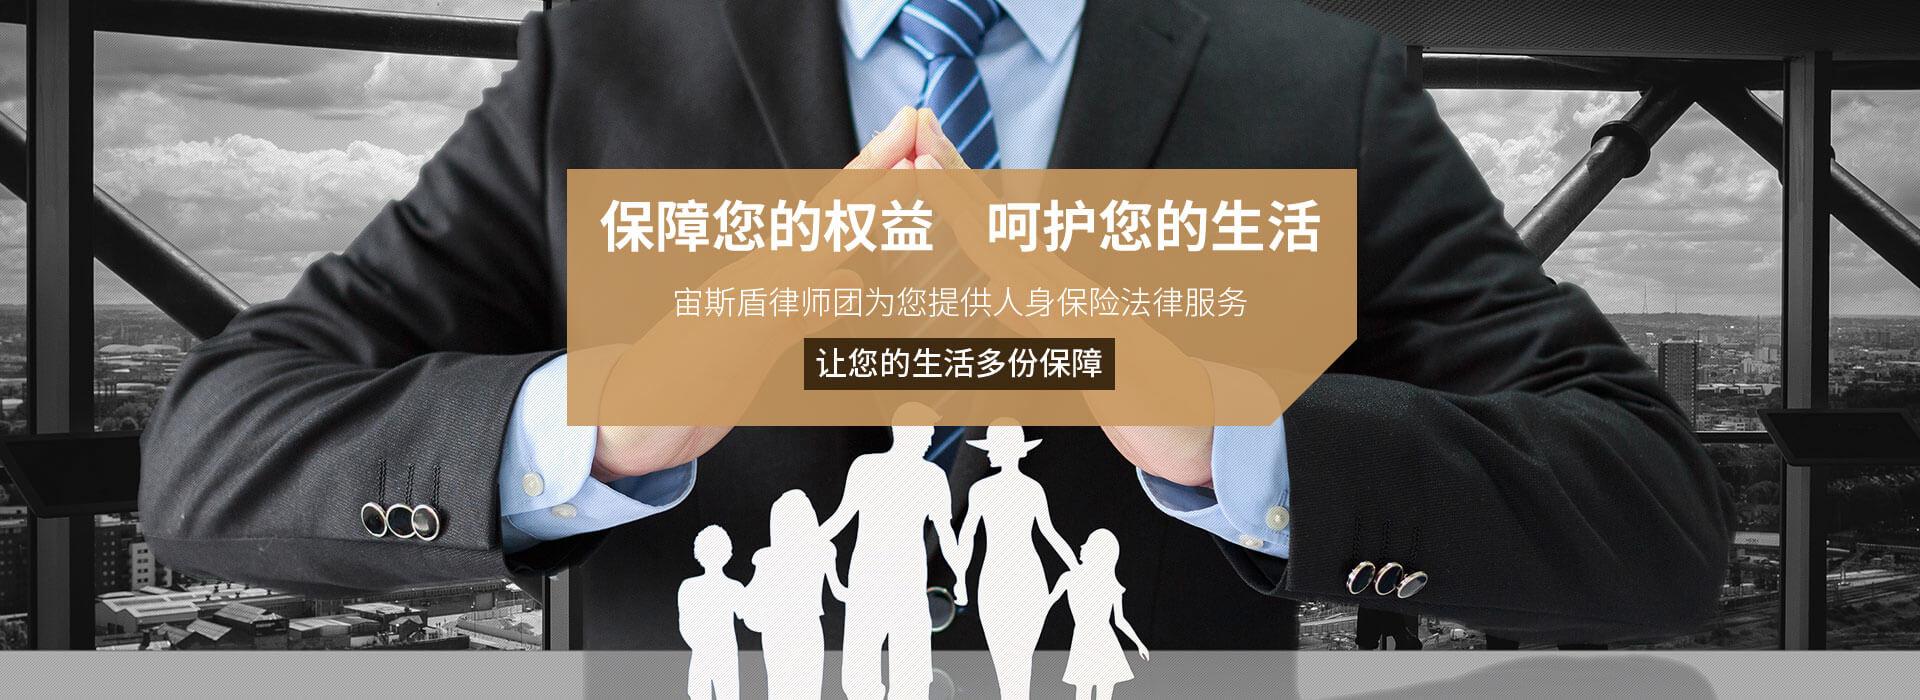 广州人身保险律师